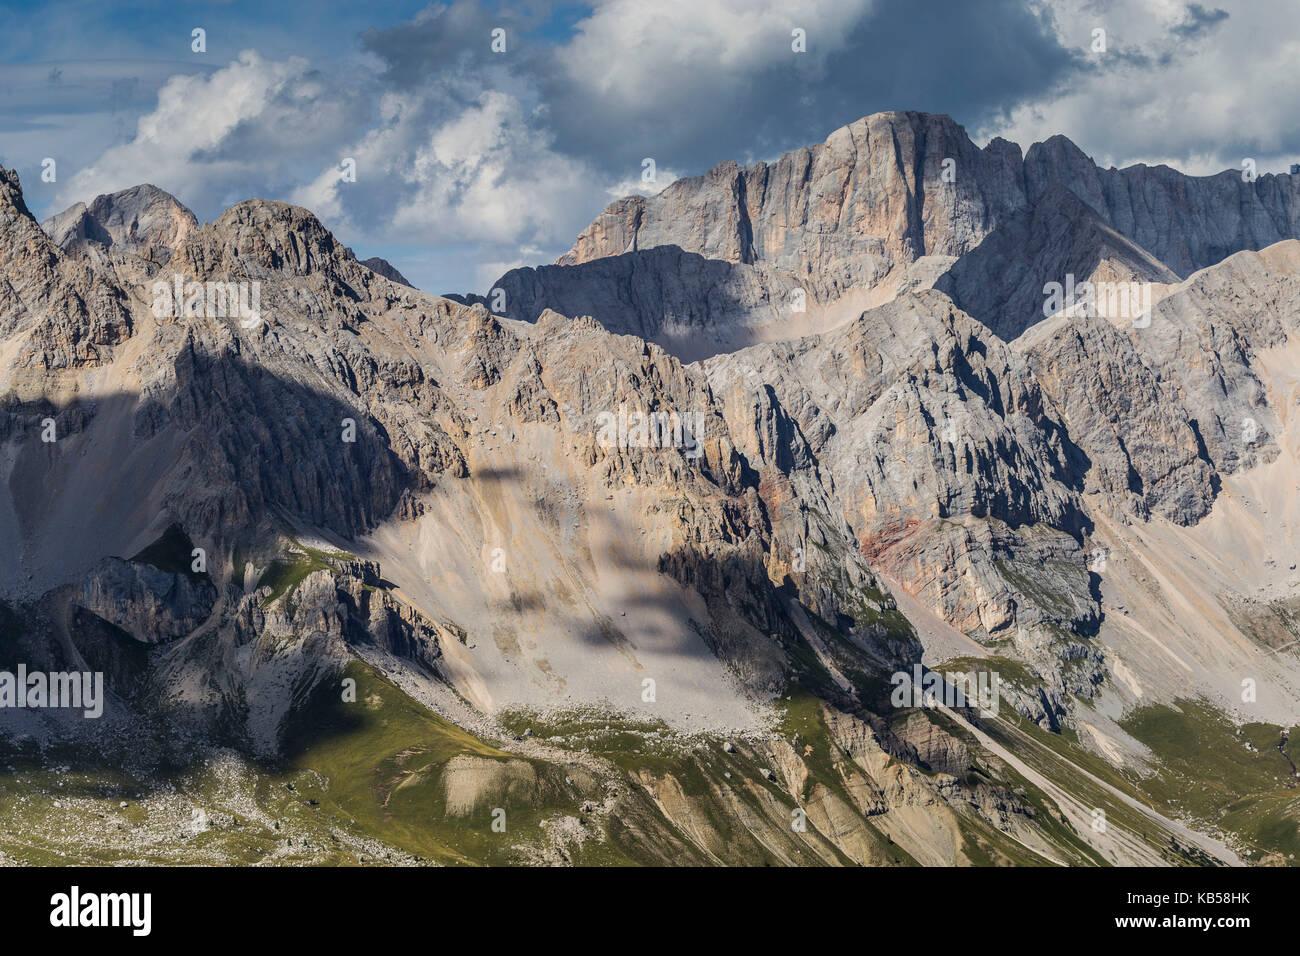 Europe, Italy, Alps, Dolomites, Mountains,  Trentino / Veneto, Marmolada, Col Margherita Park Stock Photo